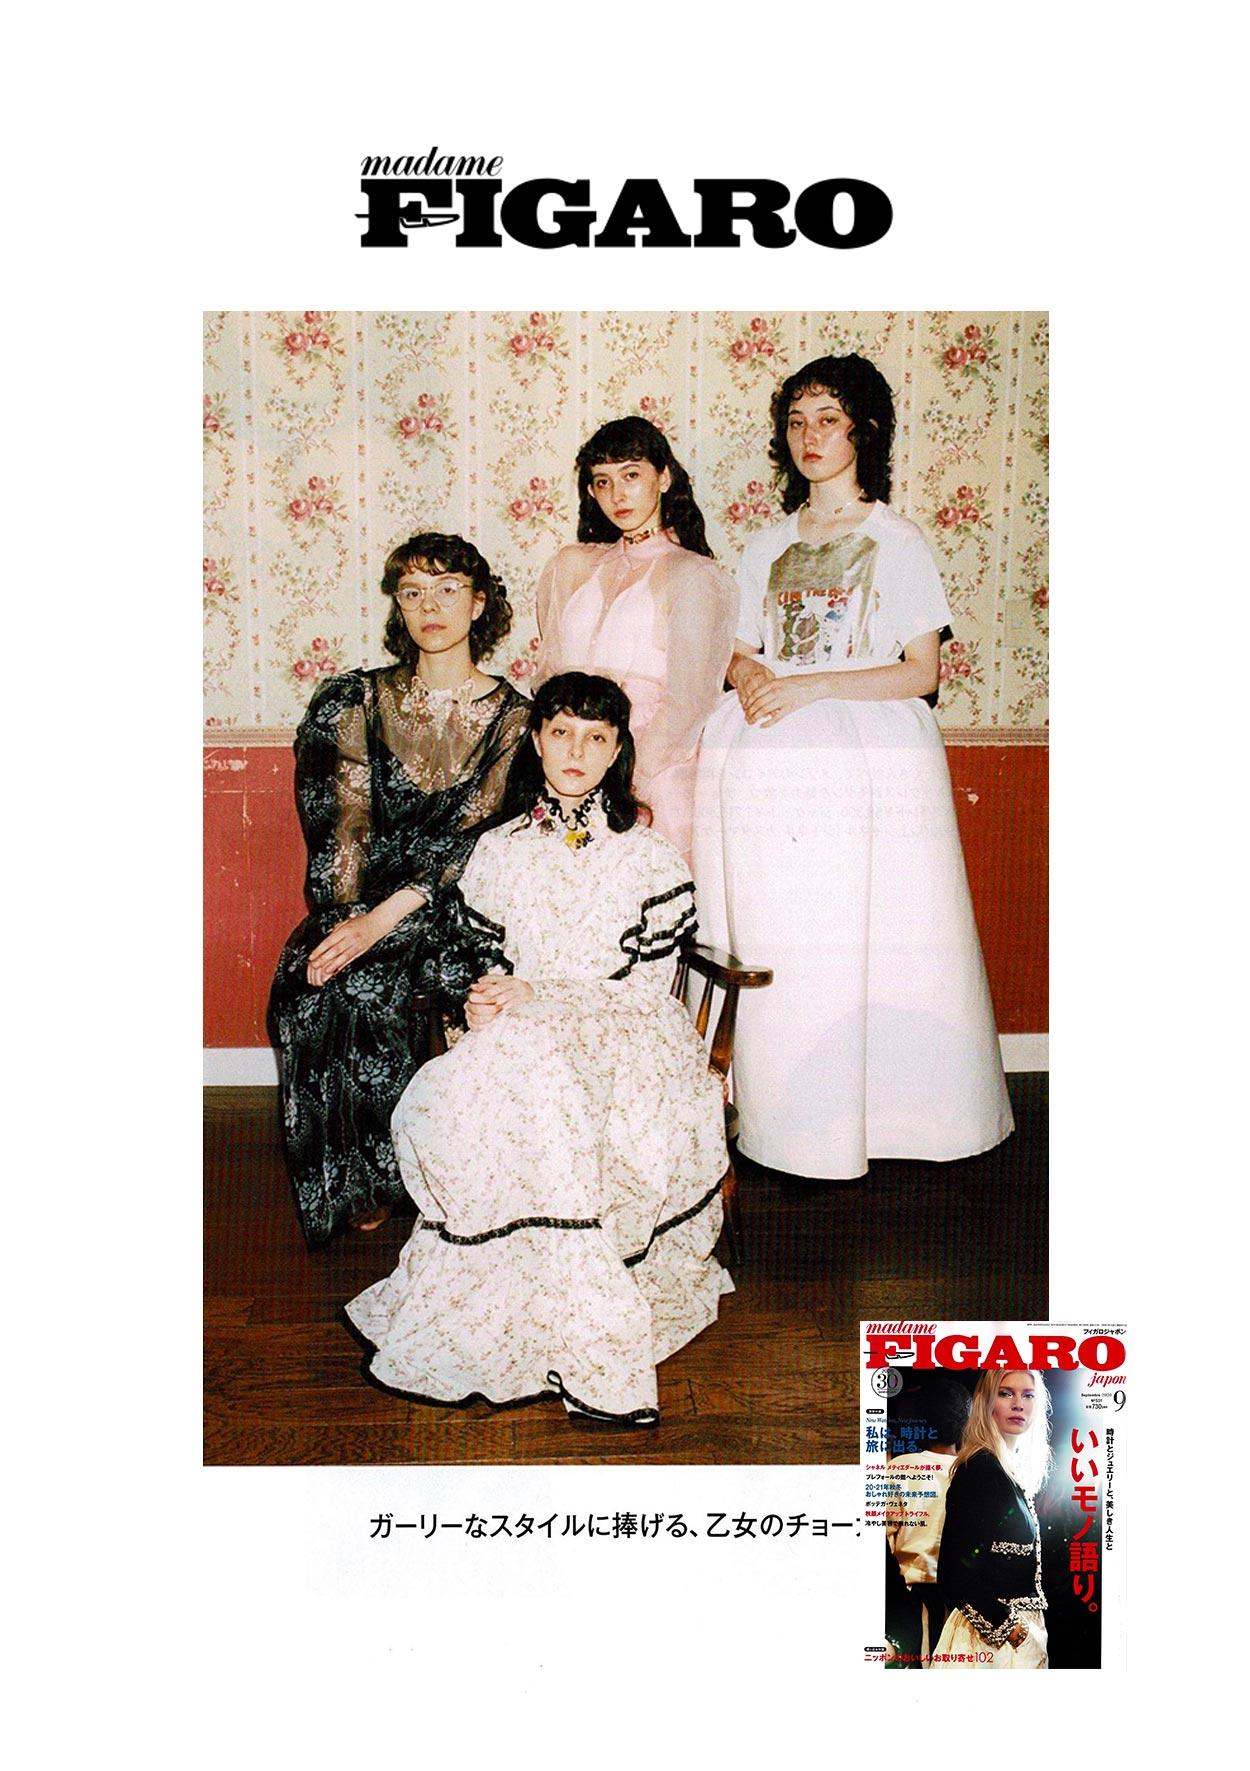 melampo press on madame figaro japan magazine - photo 1